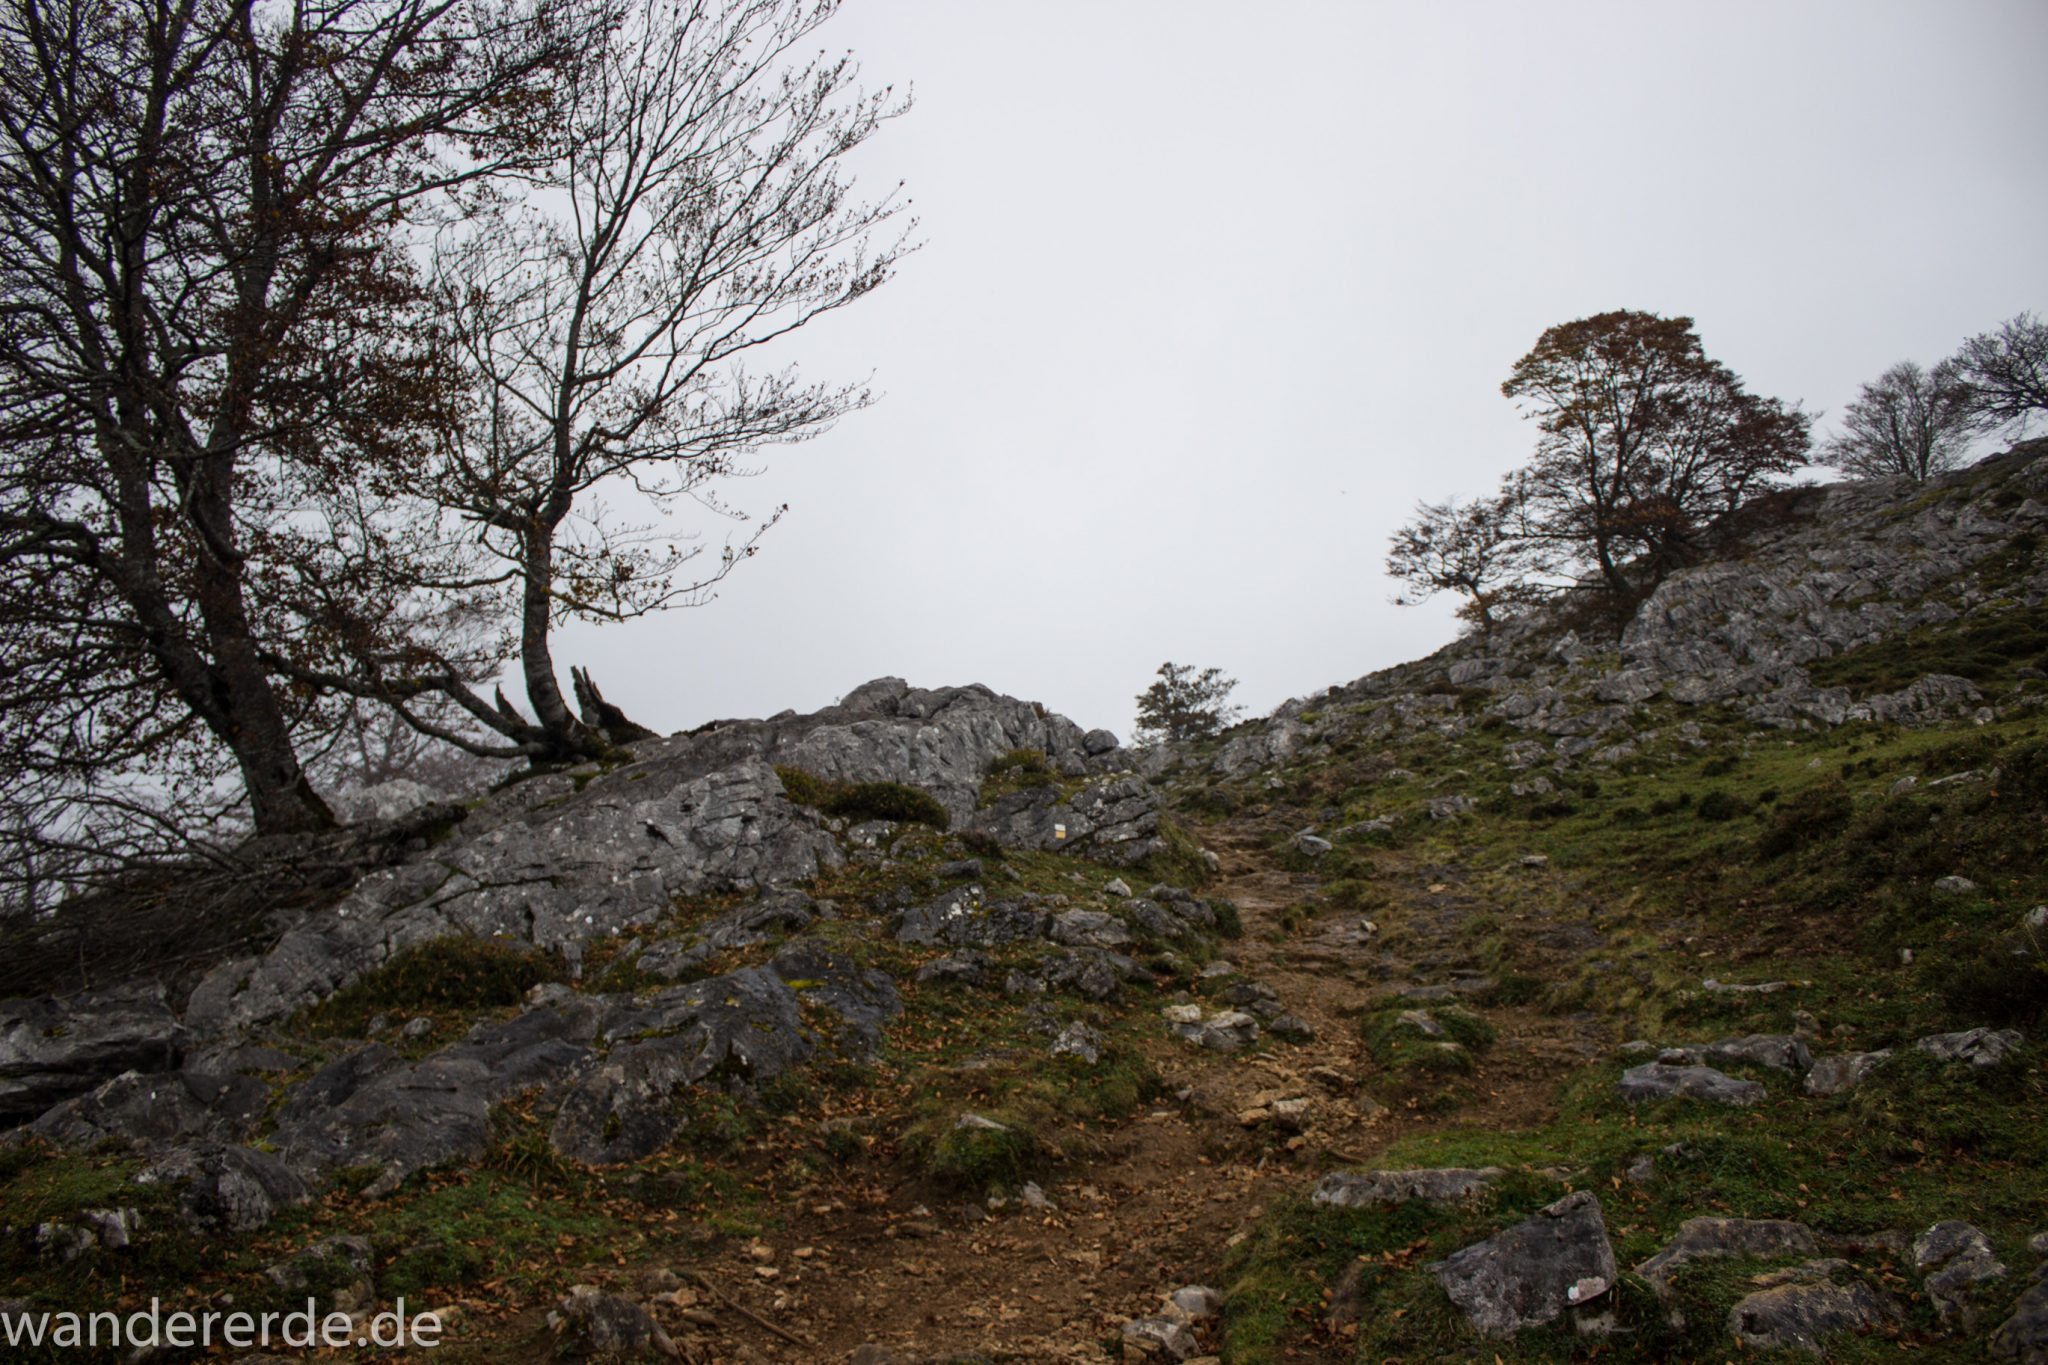 Wanderung Vega de Ario Picos de Europa Spanien, Bäume in Bergregion, Steine, dichte Wolkenfelder, zerklüftete Felsen, keine weite Aussicht, grüne Wiese, schmaler Wanderpfad